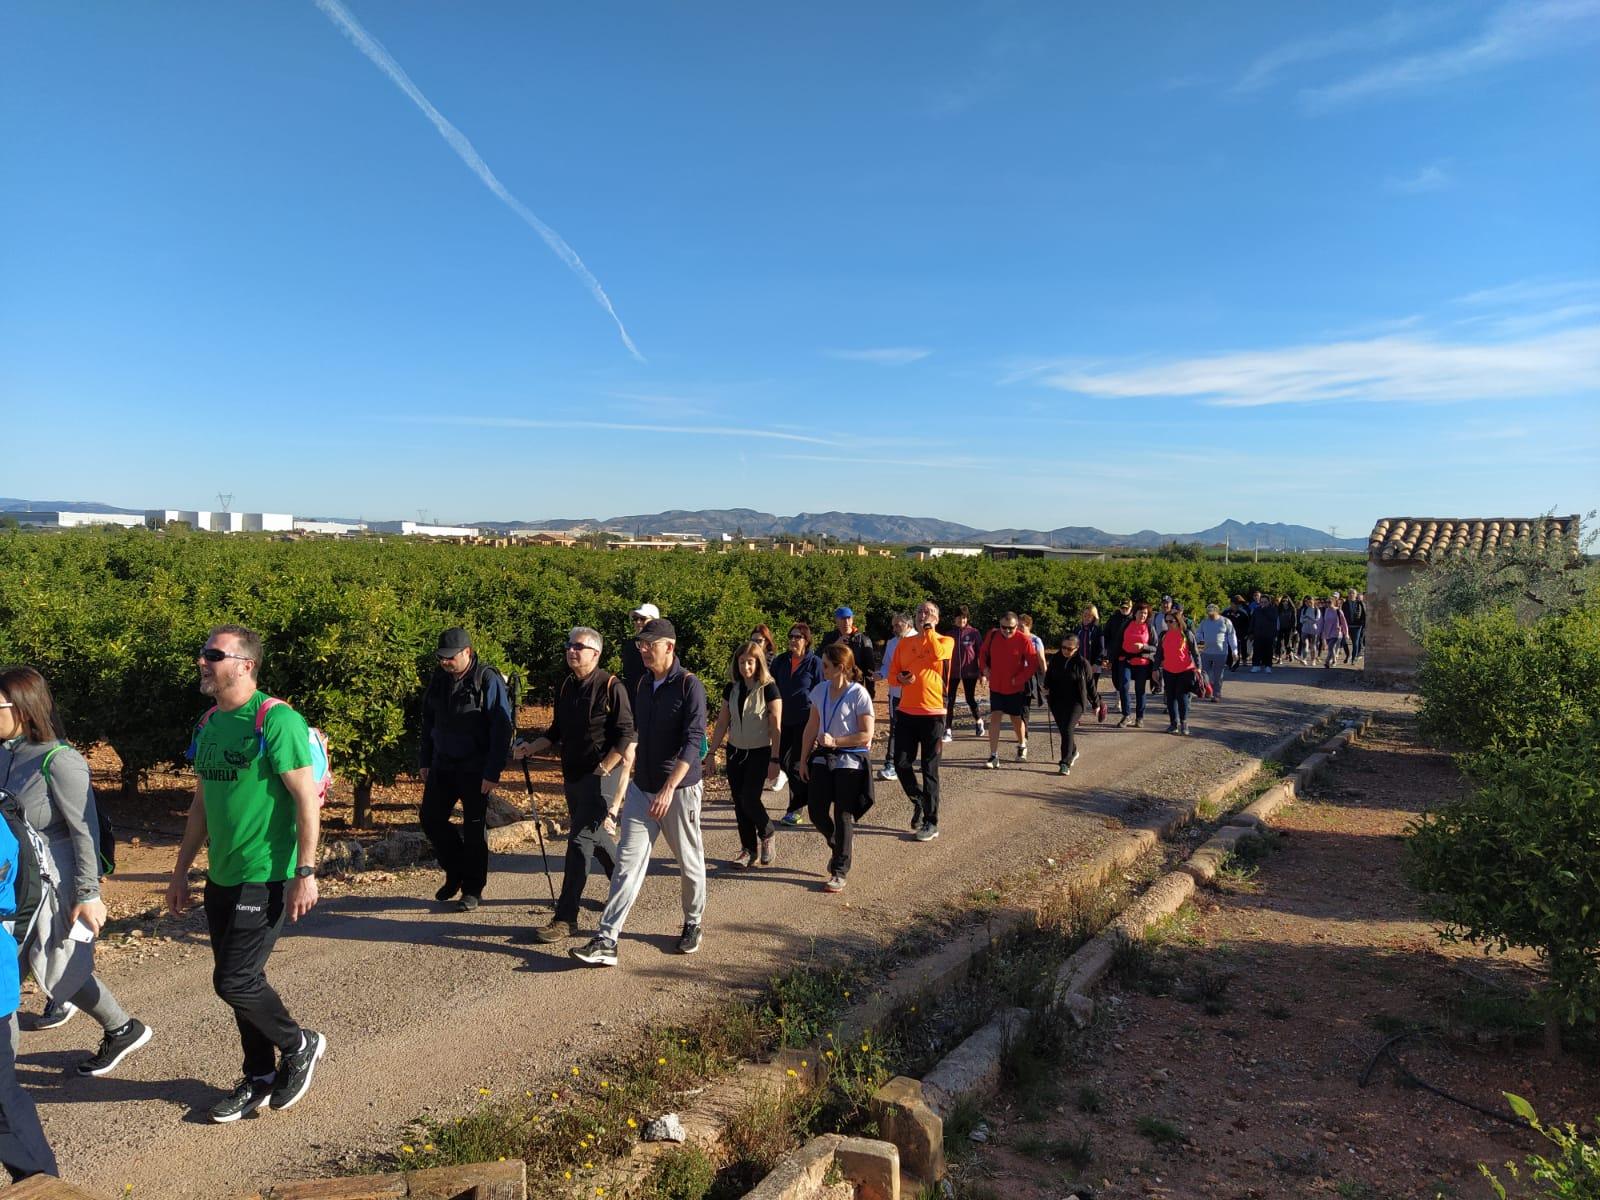 Más de 300 personas participan en la XII Volta al Terme organizada de Fundació Caixa Rural Vila-real